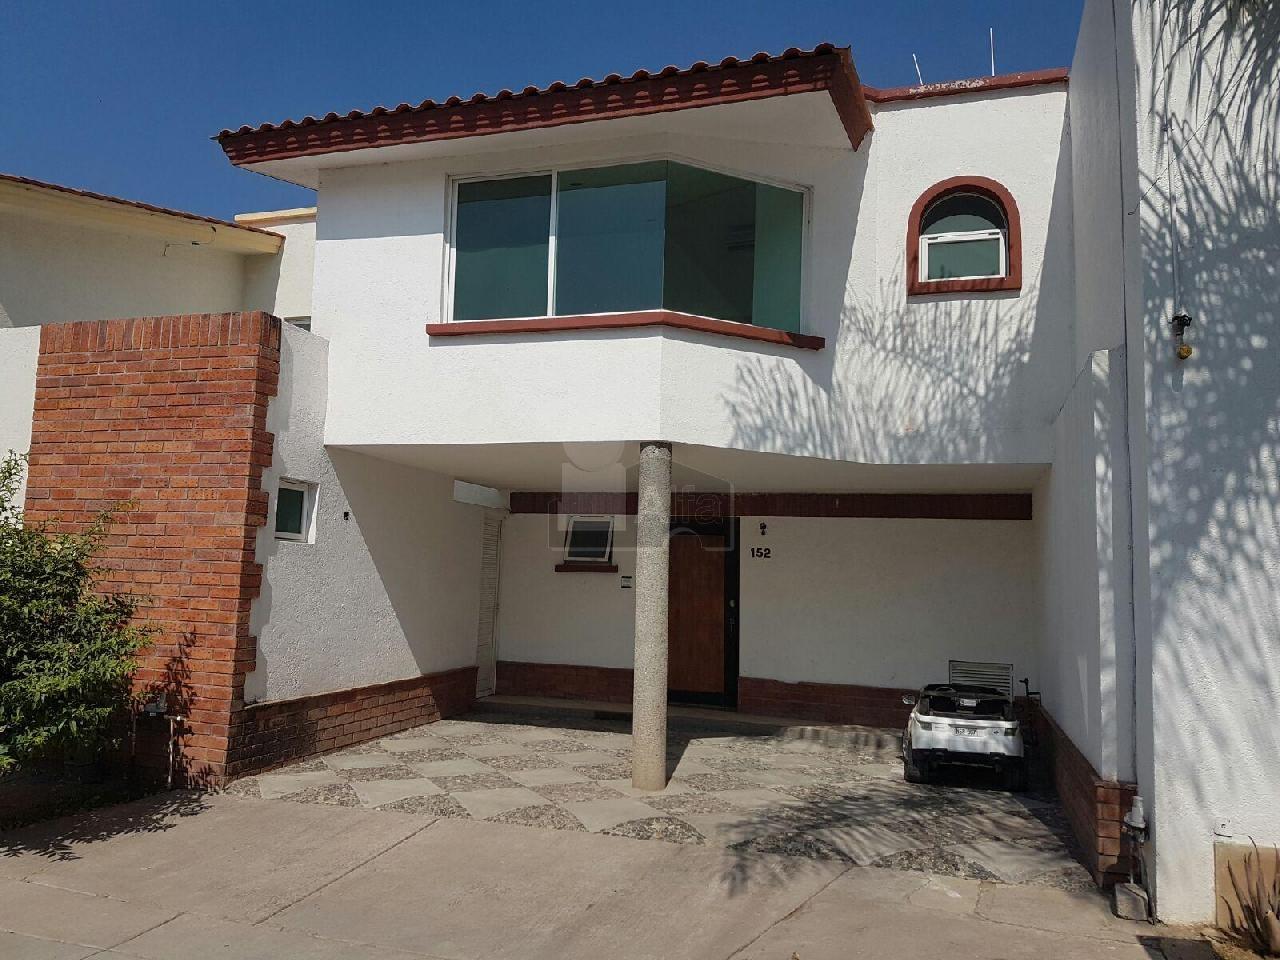 Casas en renta en leon guanajuato 119 registros casas for Casas en renta leon gto